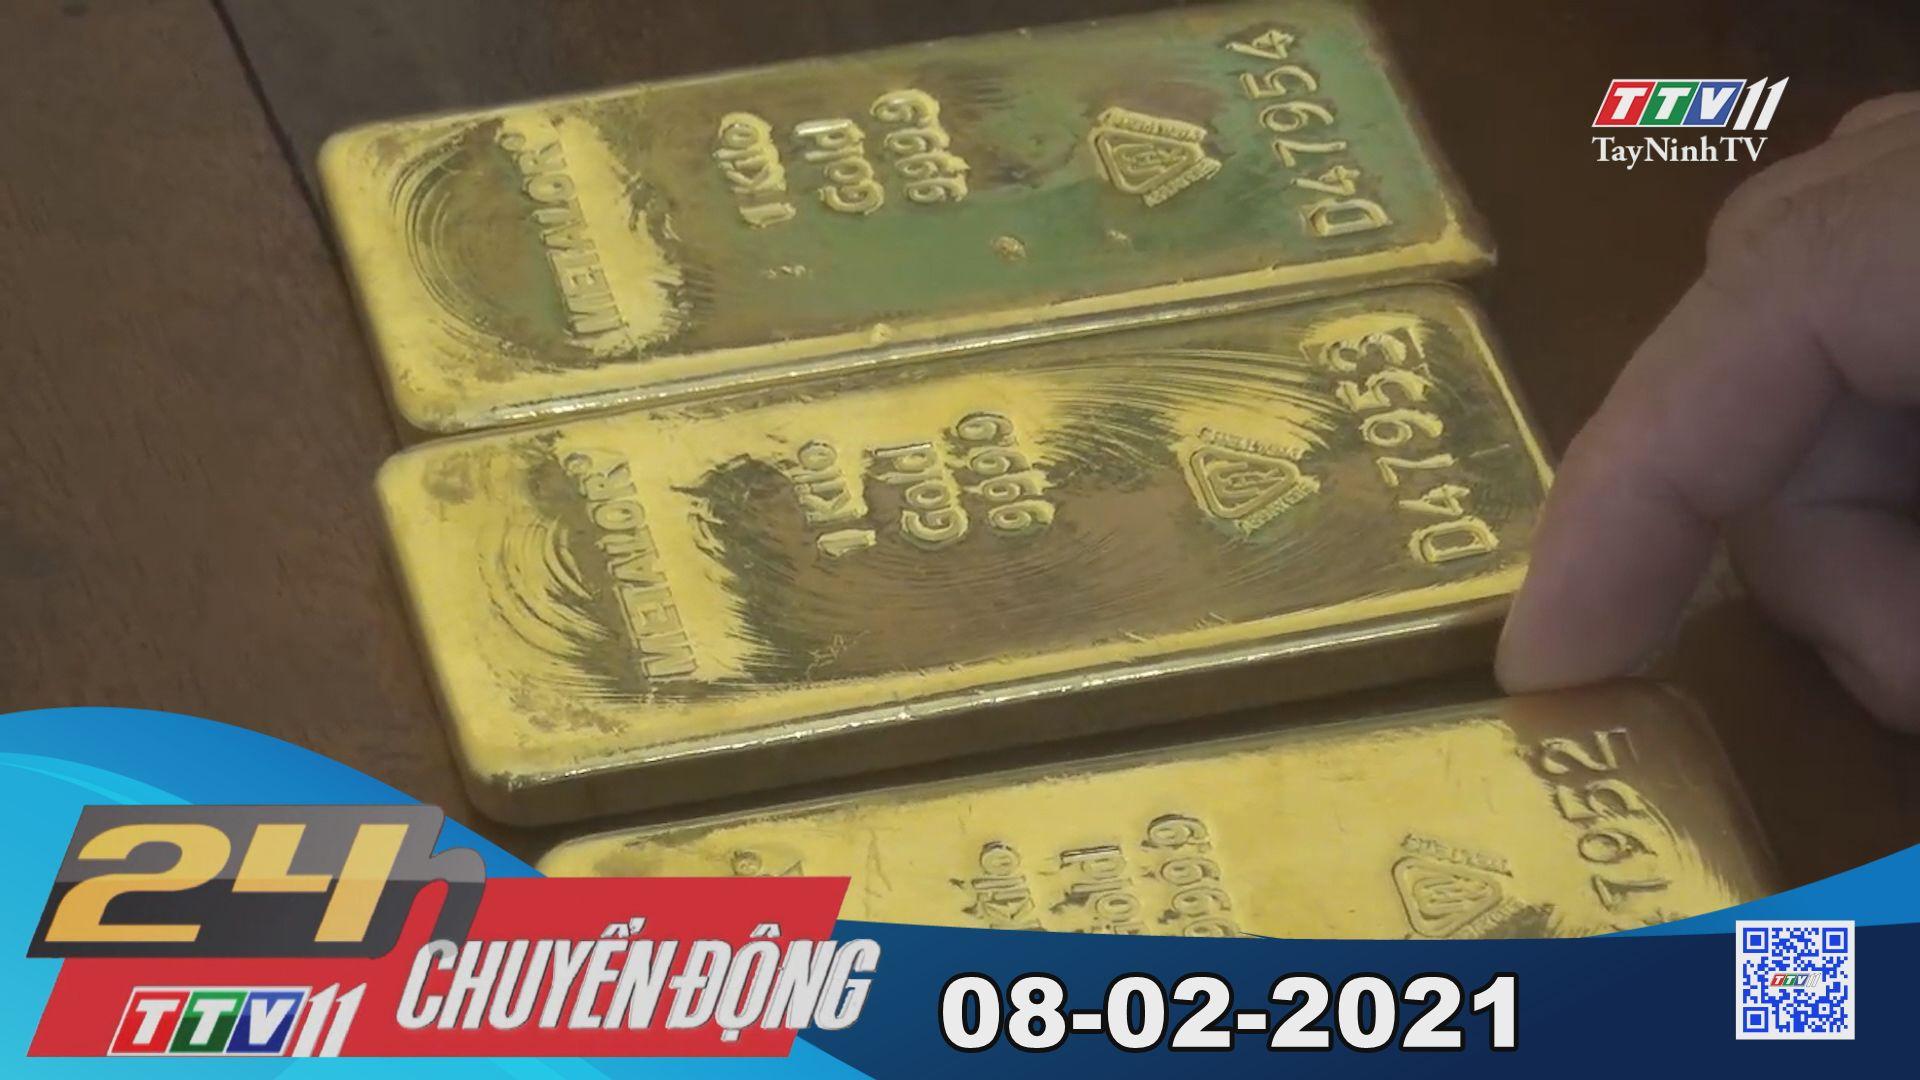 24h Chuyển động 08-02-2021   Tin tức hôm nay   TayNinhTV